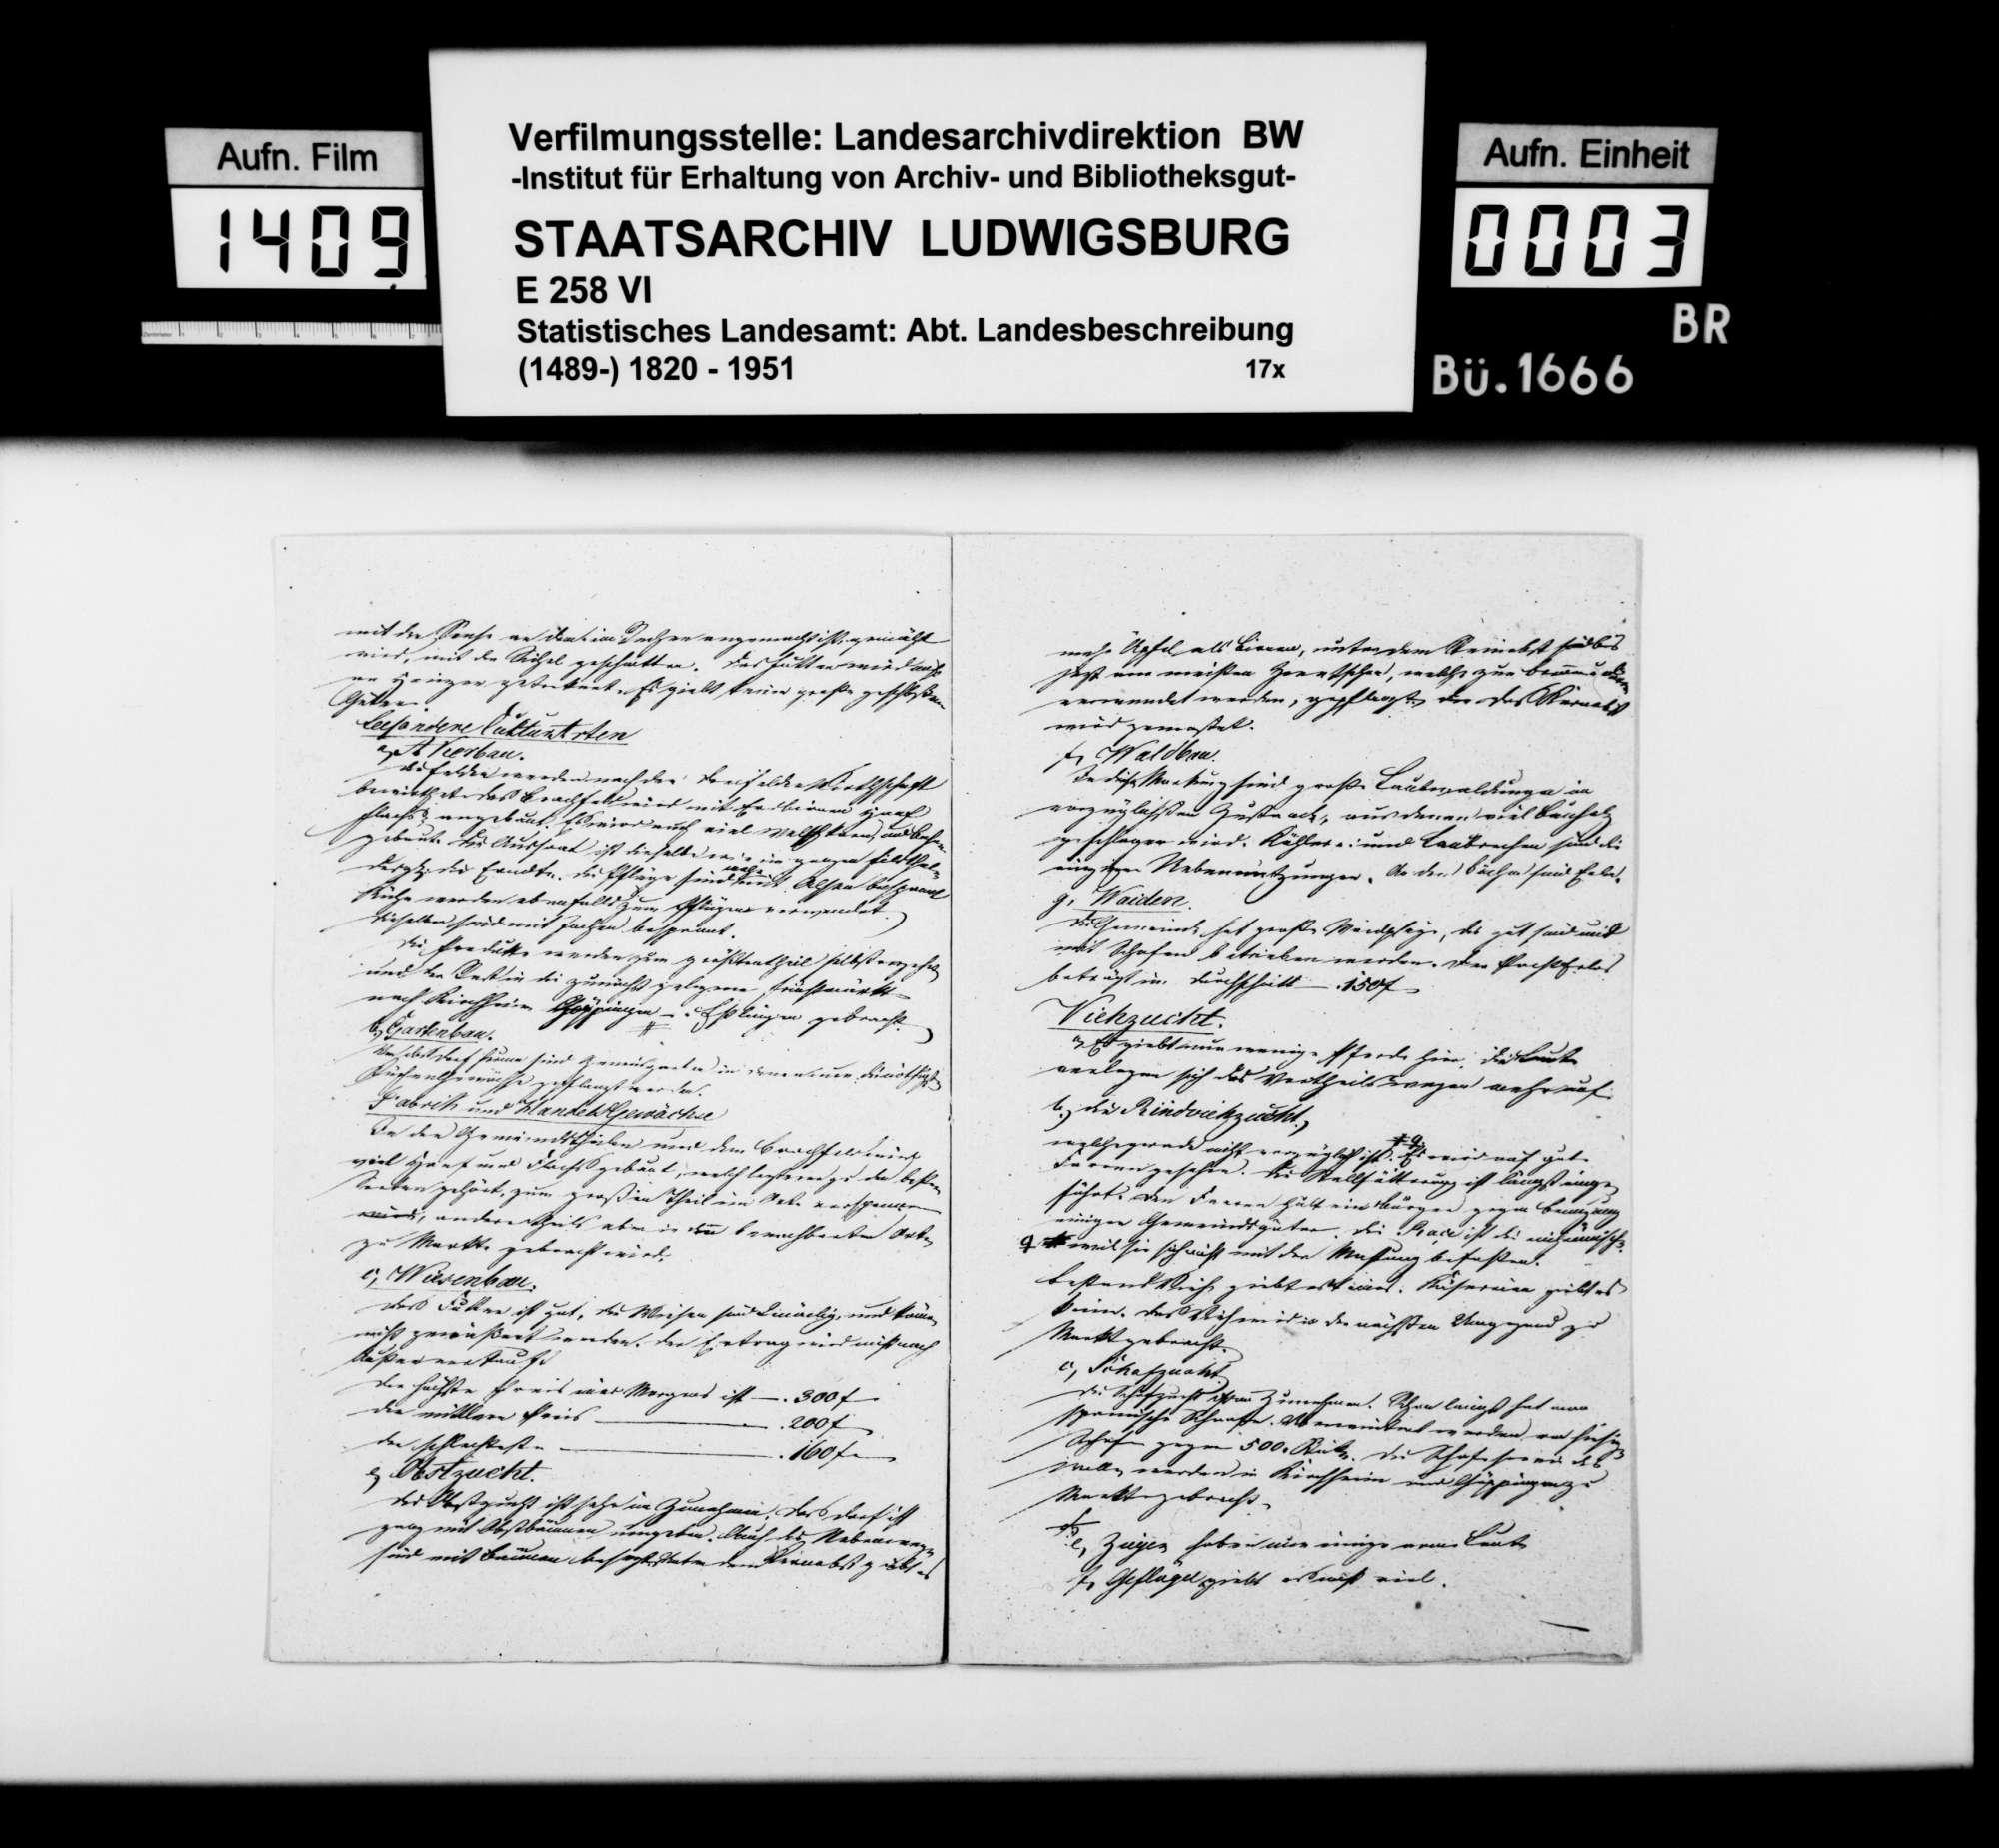 Notizen zur Beschreibung von Reichenbach mit Siegenberg nach dem Fragenkatalog des STBs (wie oben bei Bezgenriet), Bild 2